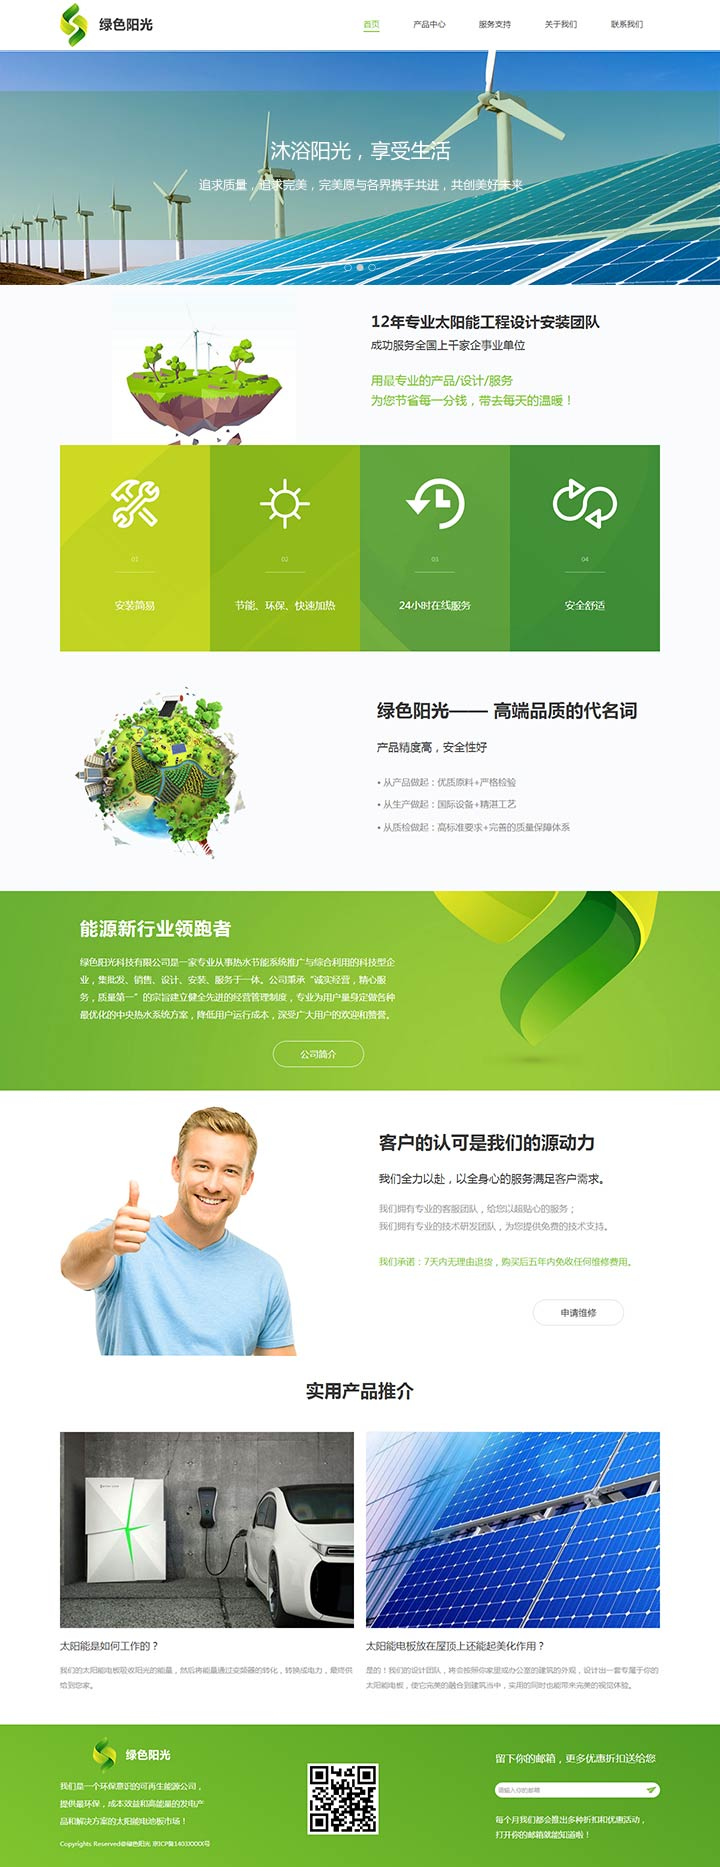 绿色阳光科技网站模板